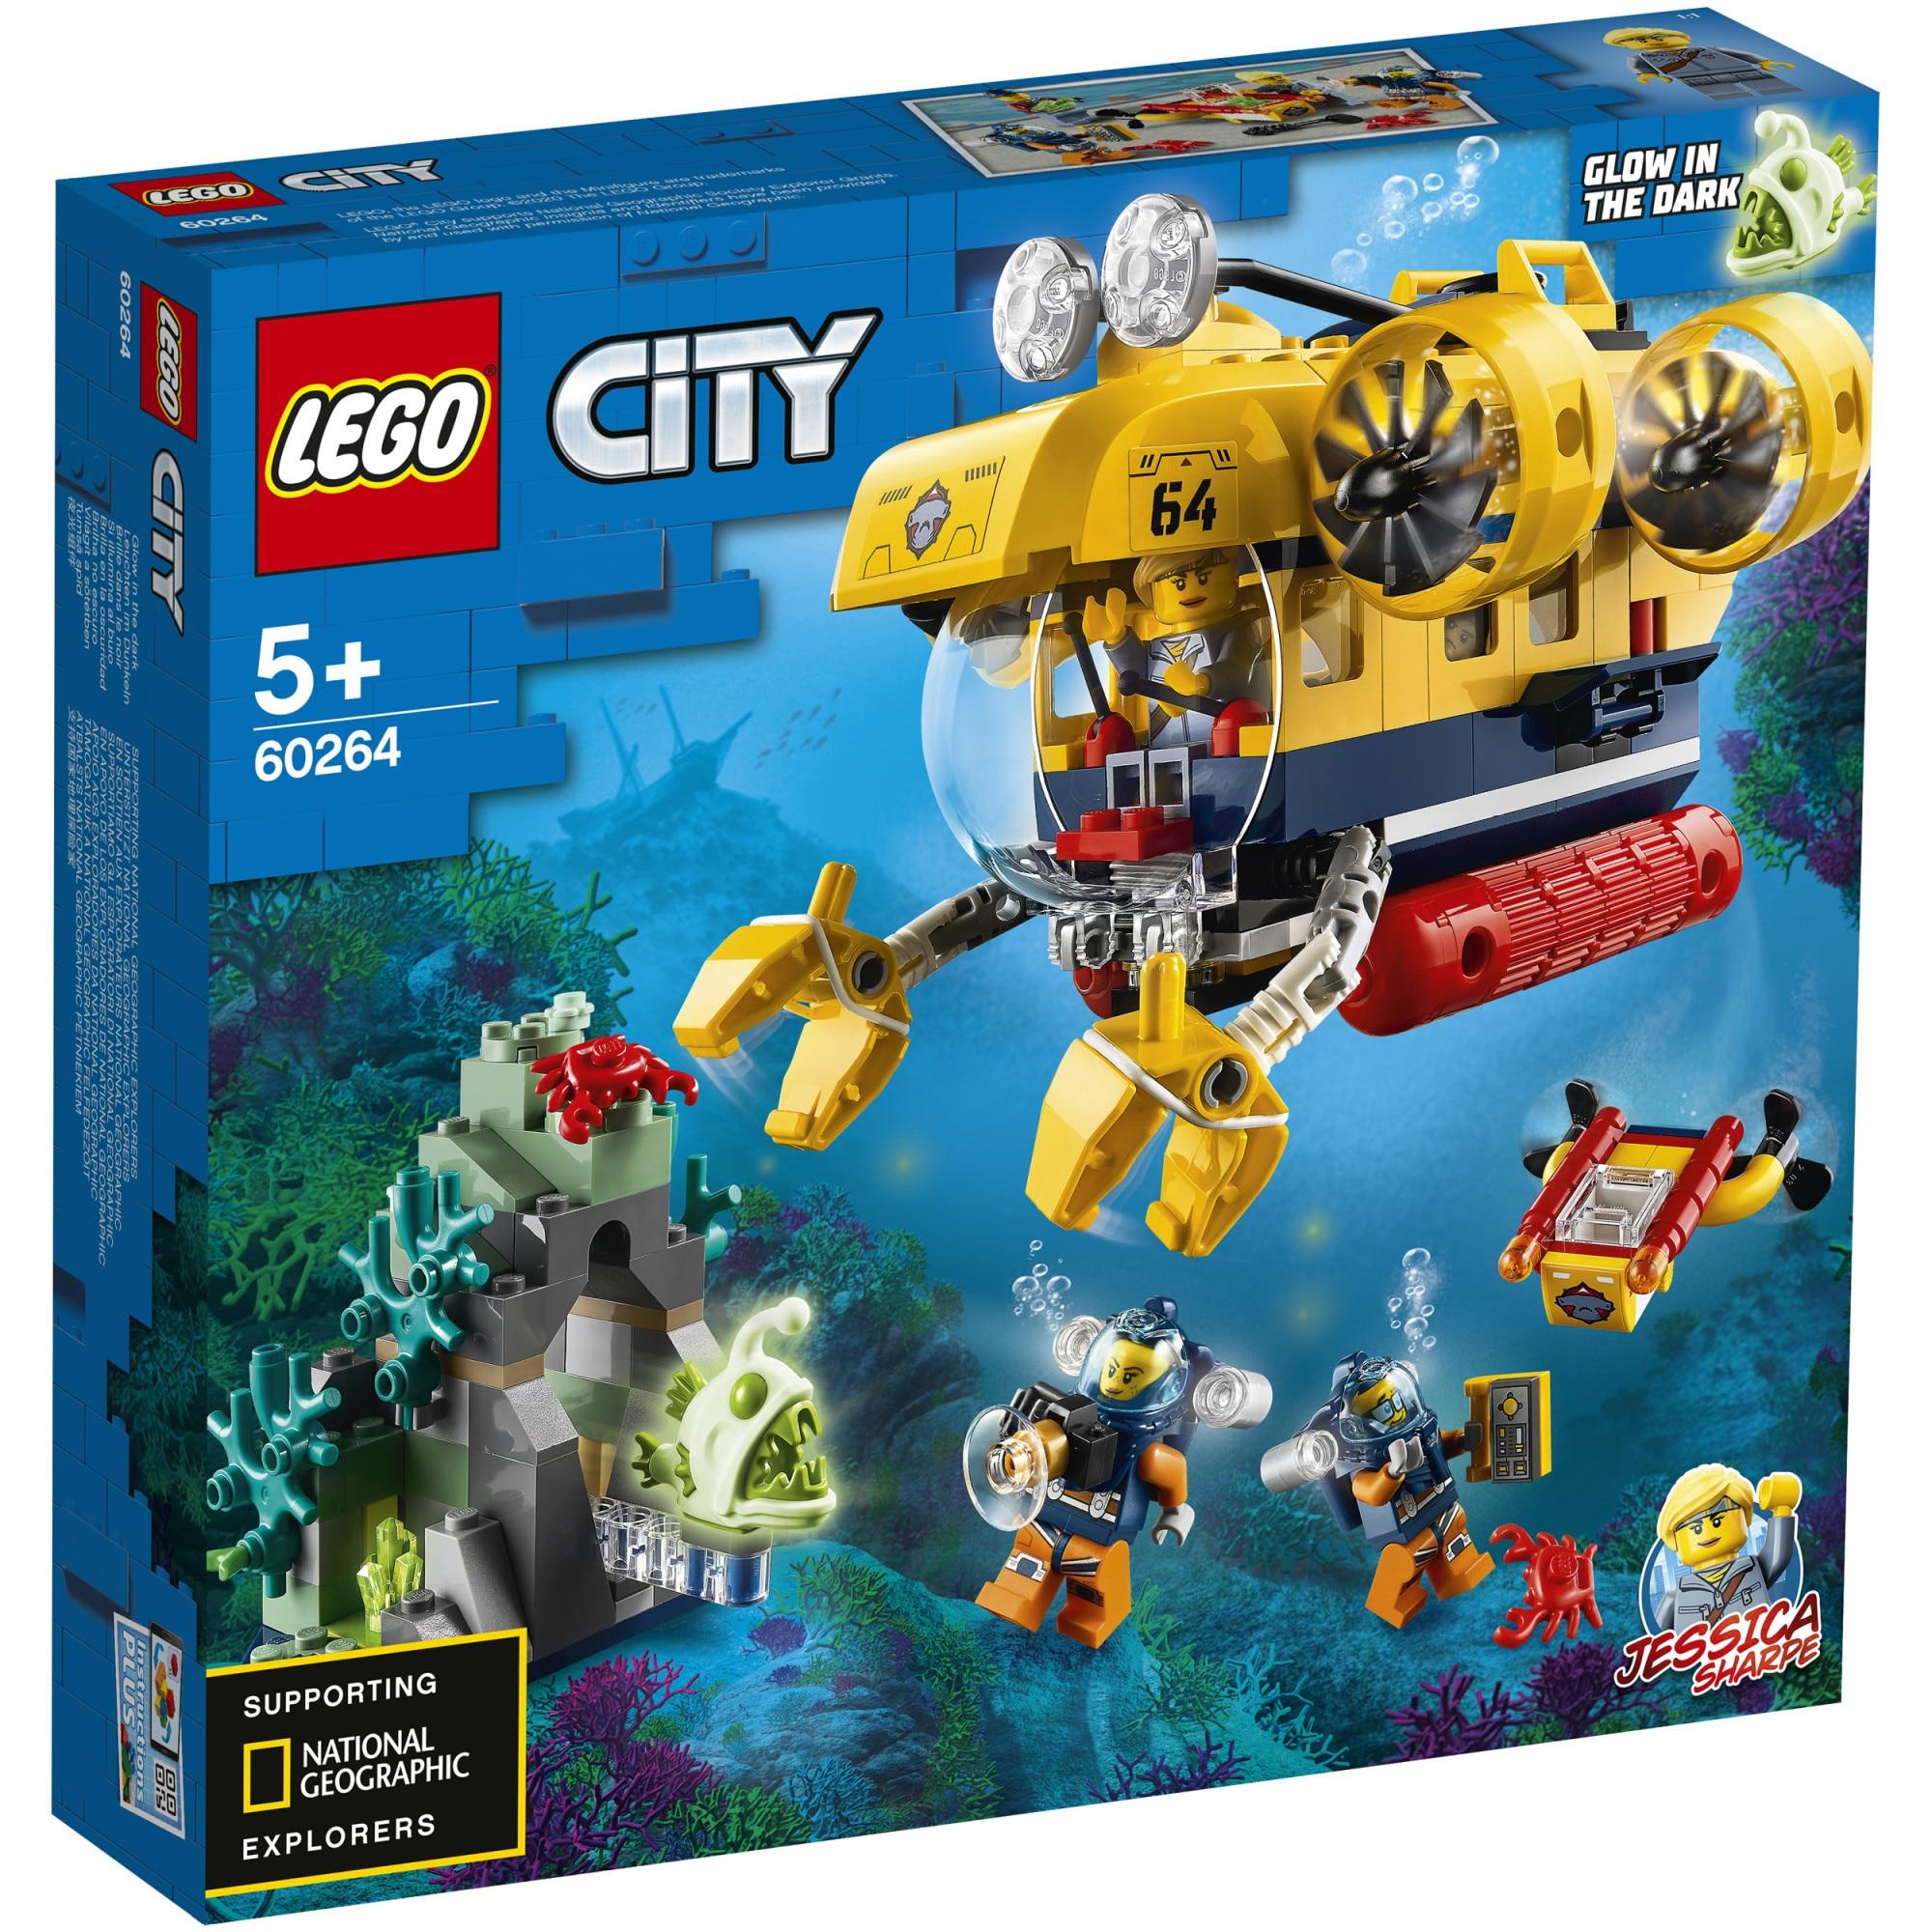 Fotografie LEGO City - Submarin de explorare a oceanului 60264, 286 piese